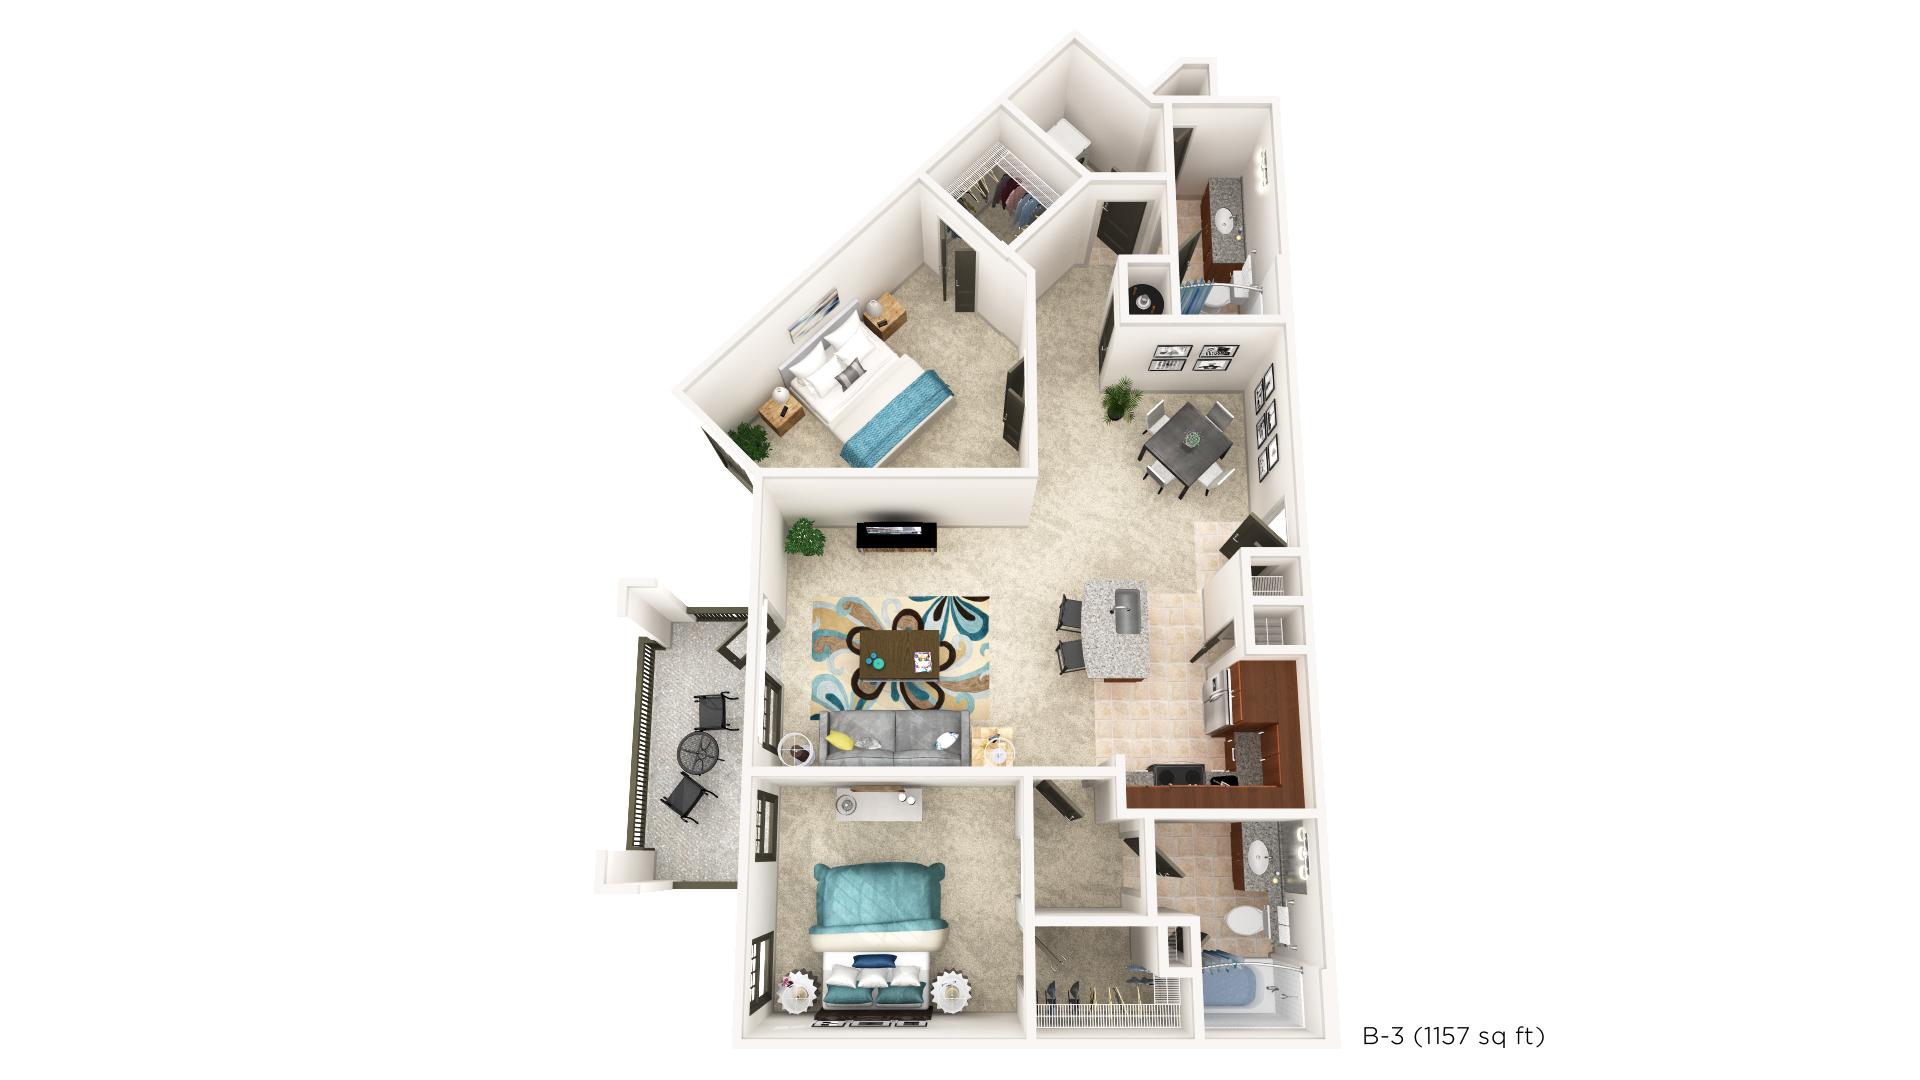 Floorplan - B-3 image